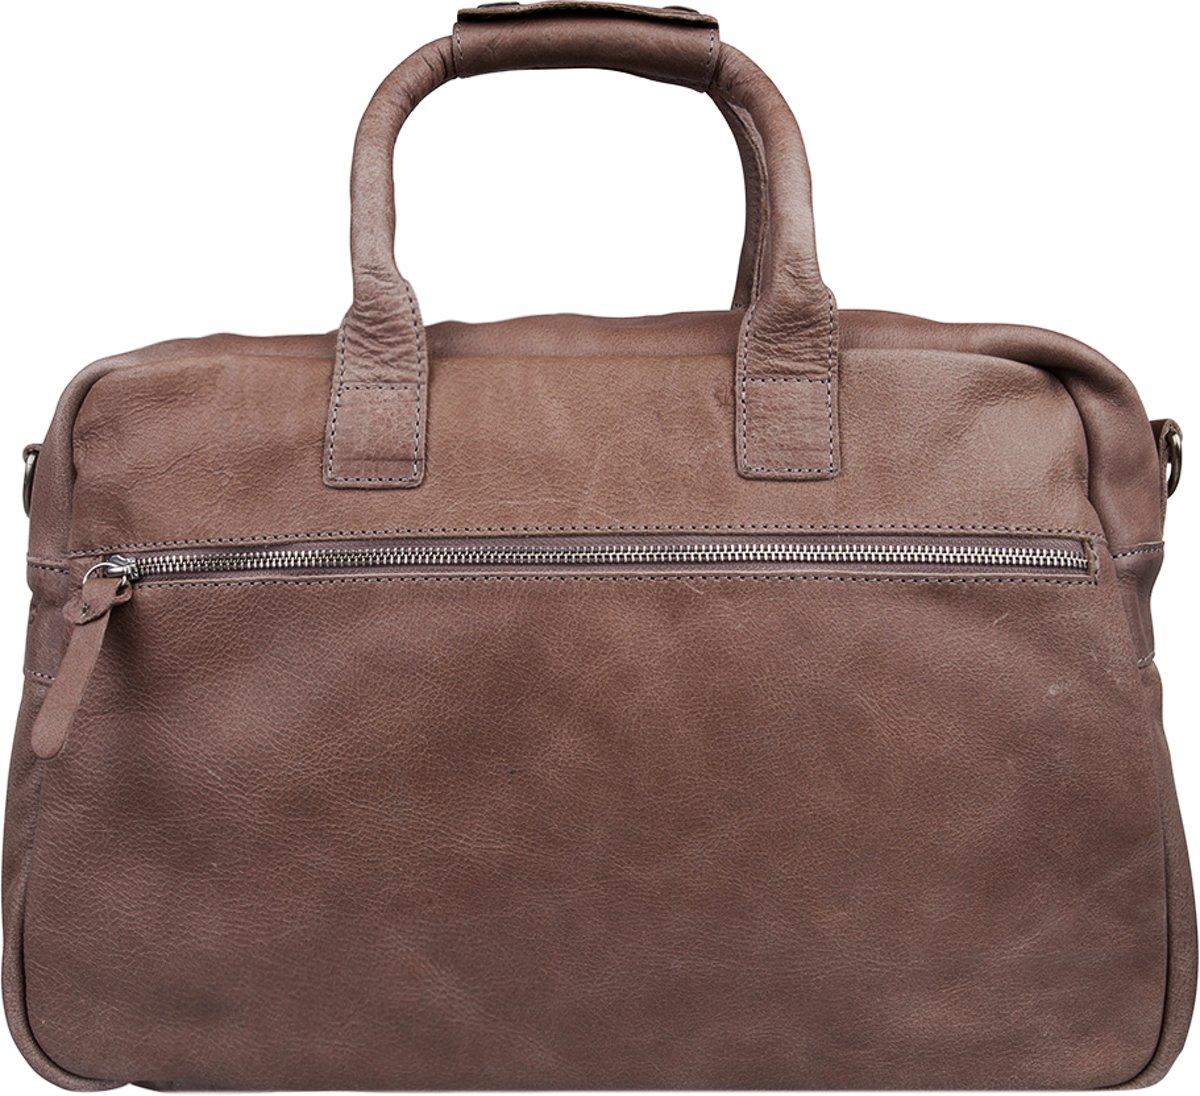 b5ae5767950 bol.com | Cowboysbag The Bag schoudertas - Elephant Grey